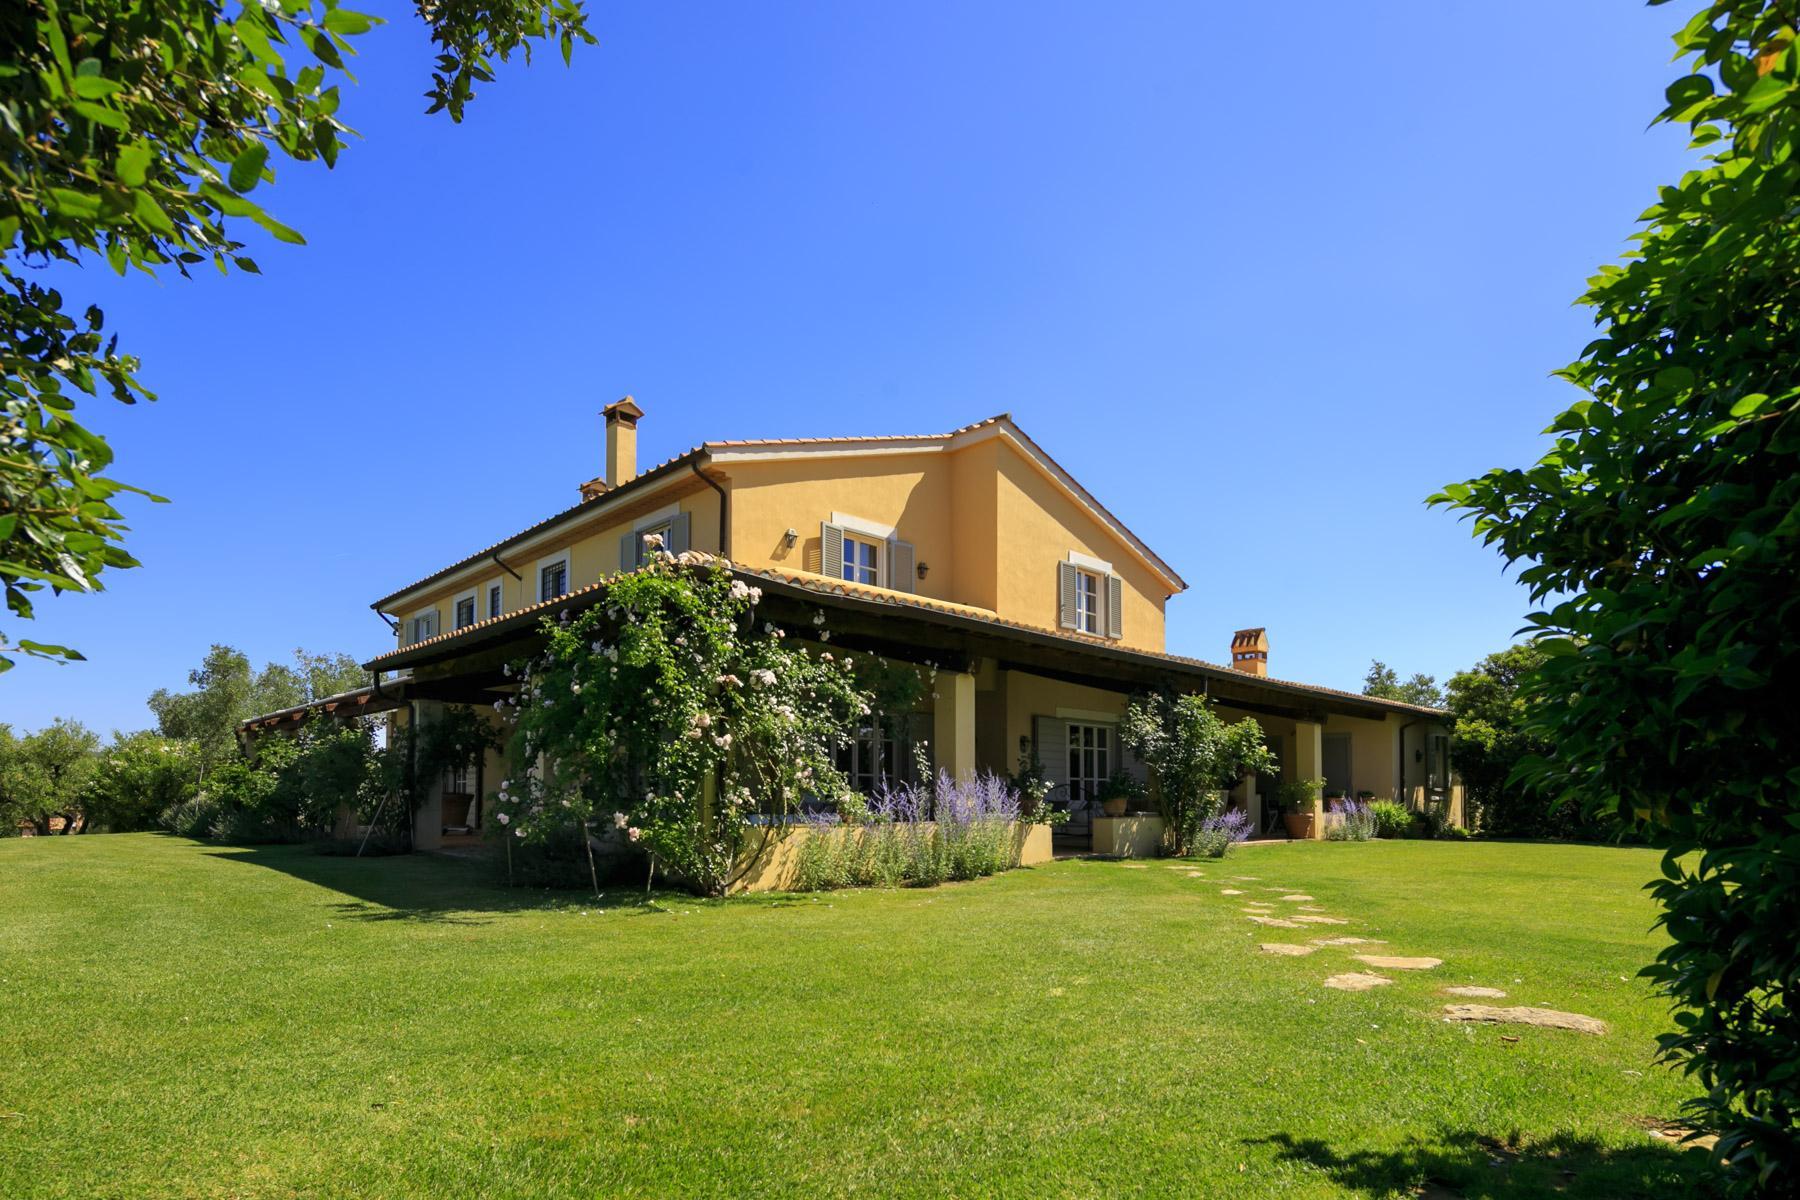 Wunderschöne Villa mit Bauernhof in Maremma - 3